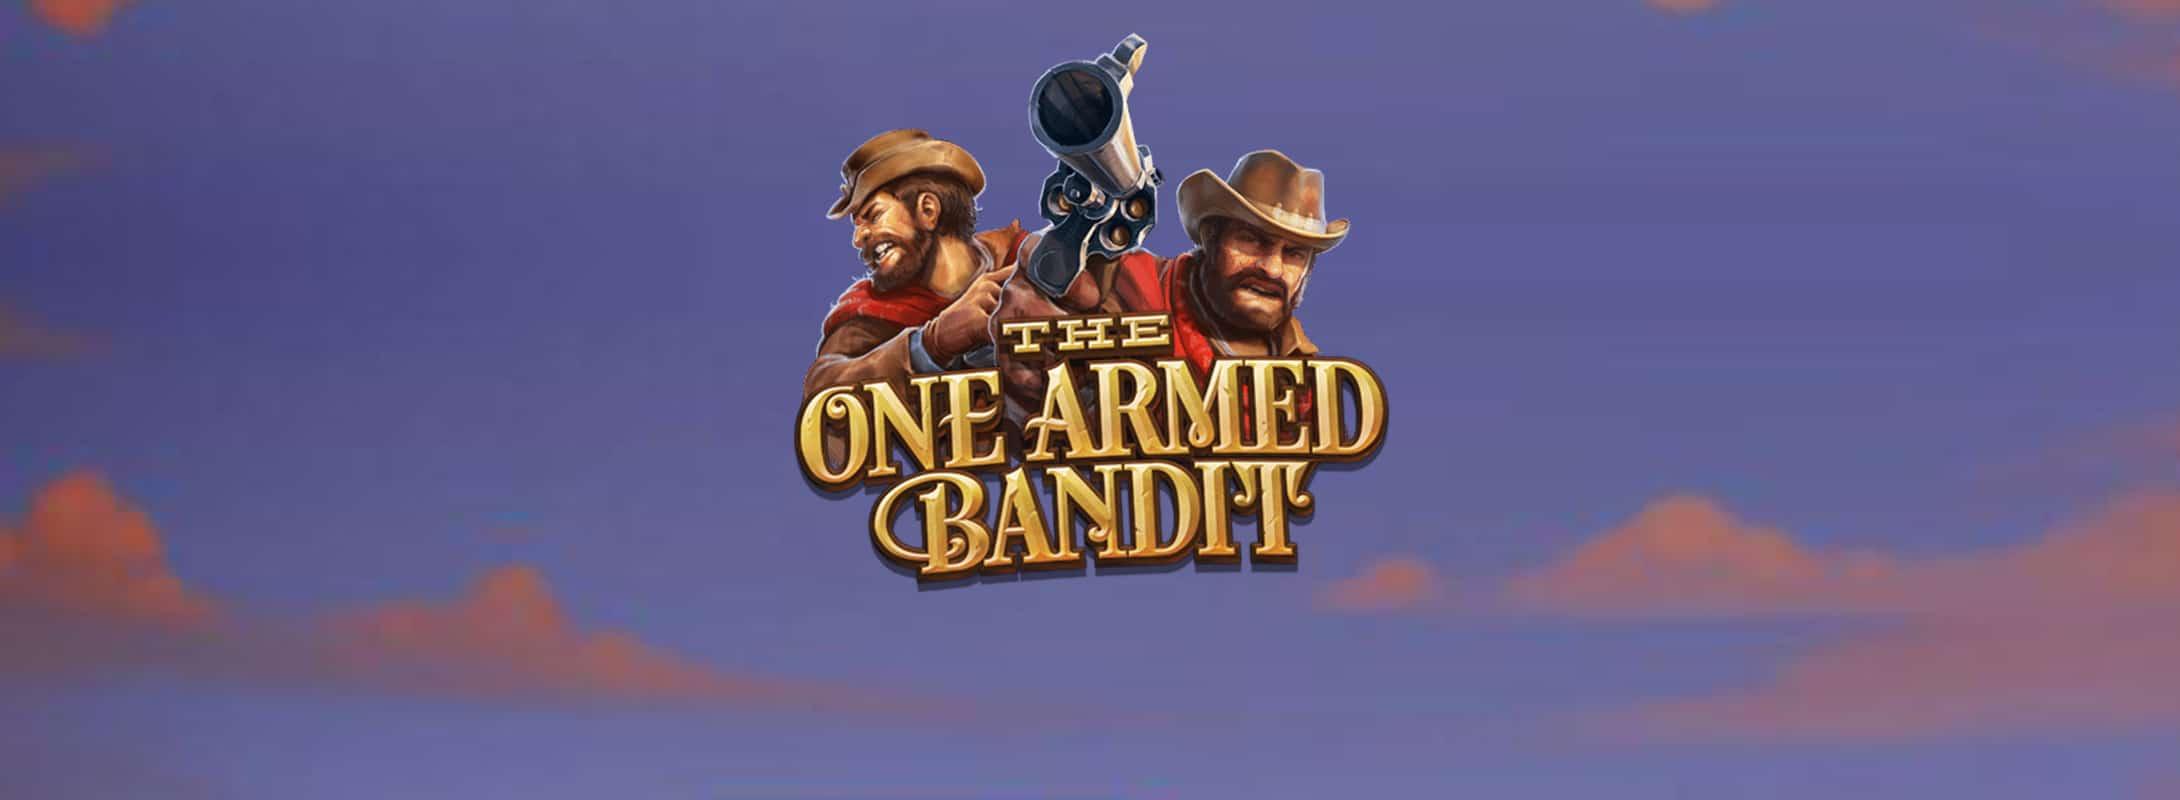 The One Armed Bandit: el nuevo juego tragaperras de Yggdrasil